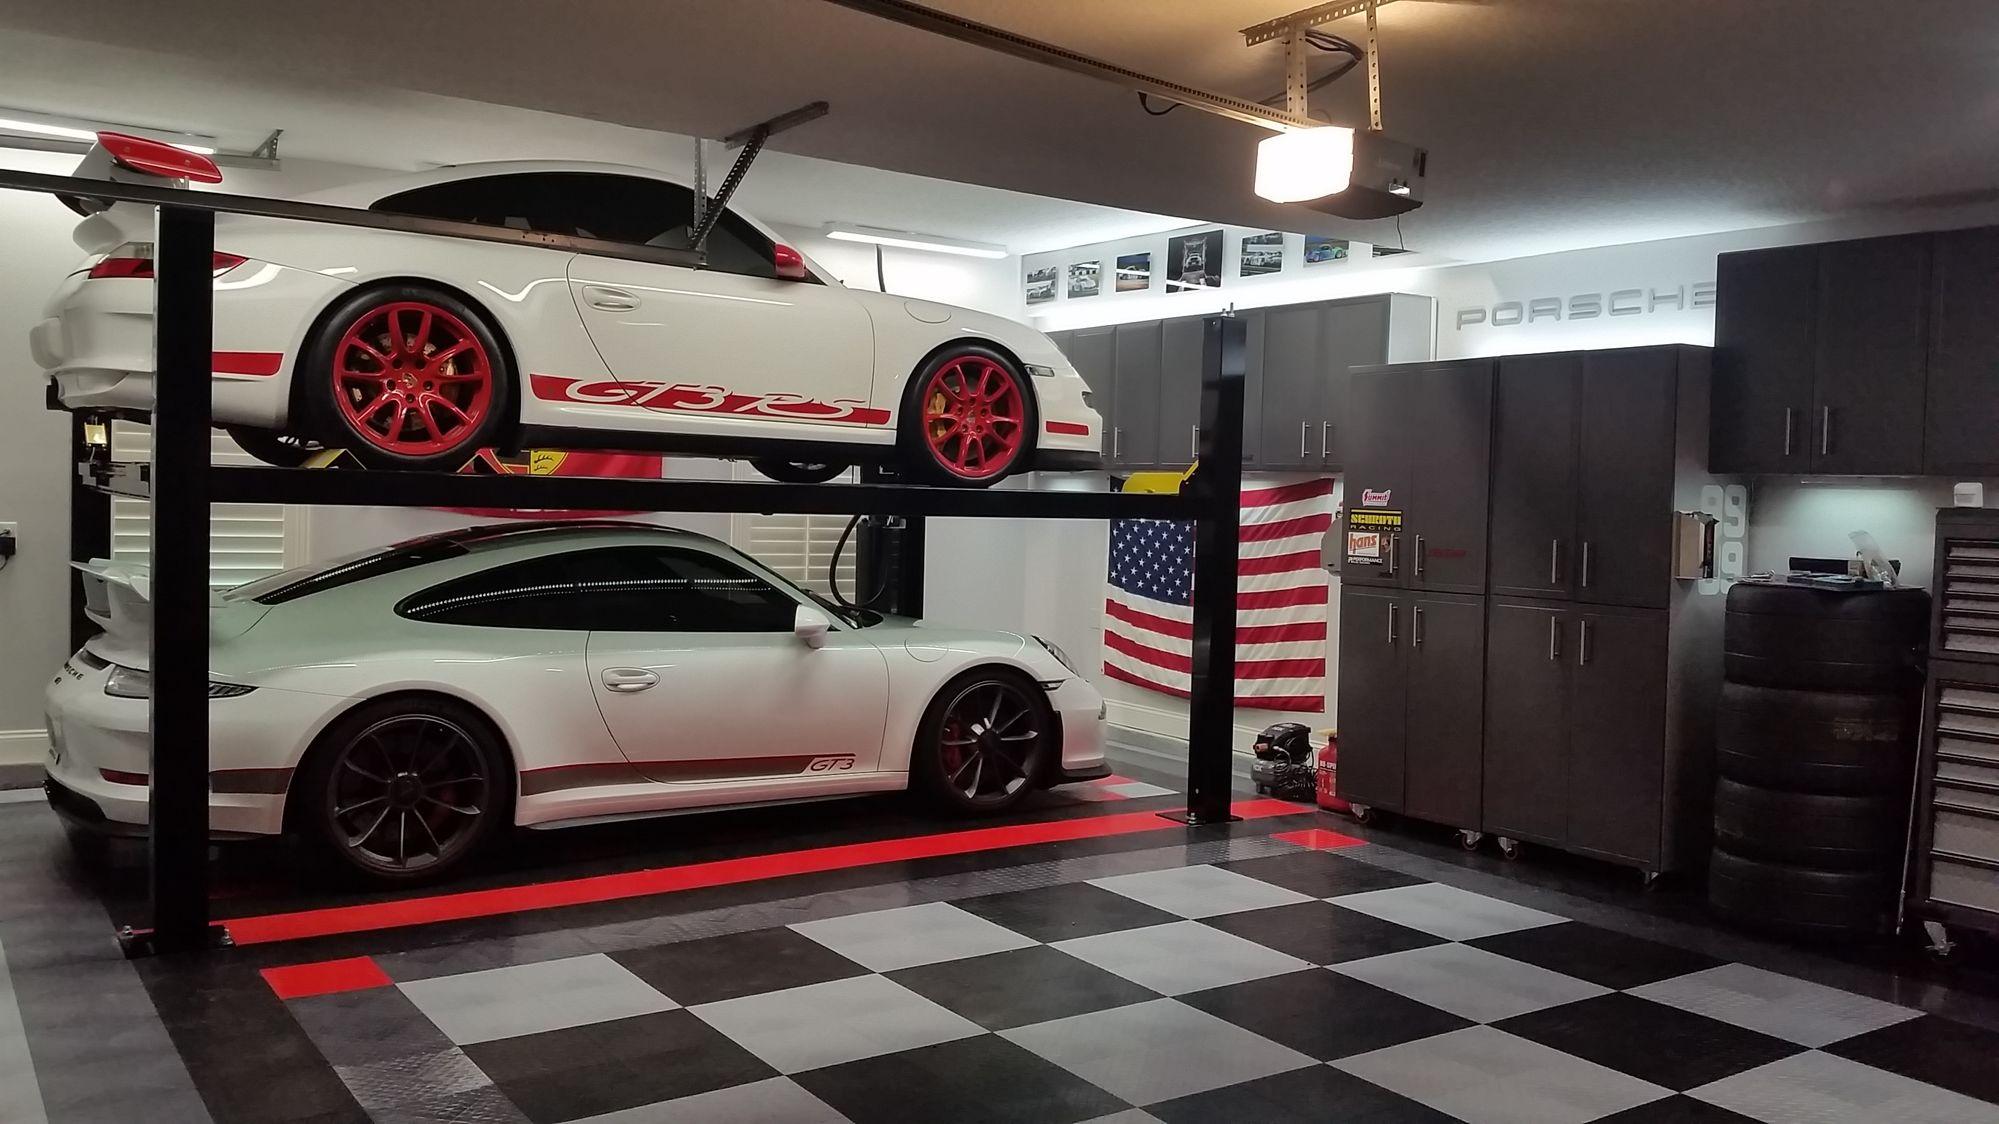 picture of your garage - Rennlist - Porsche Discussion Forums